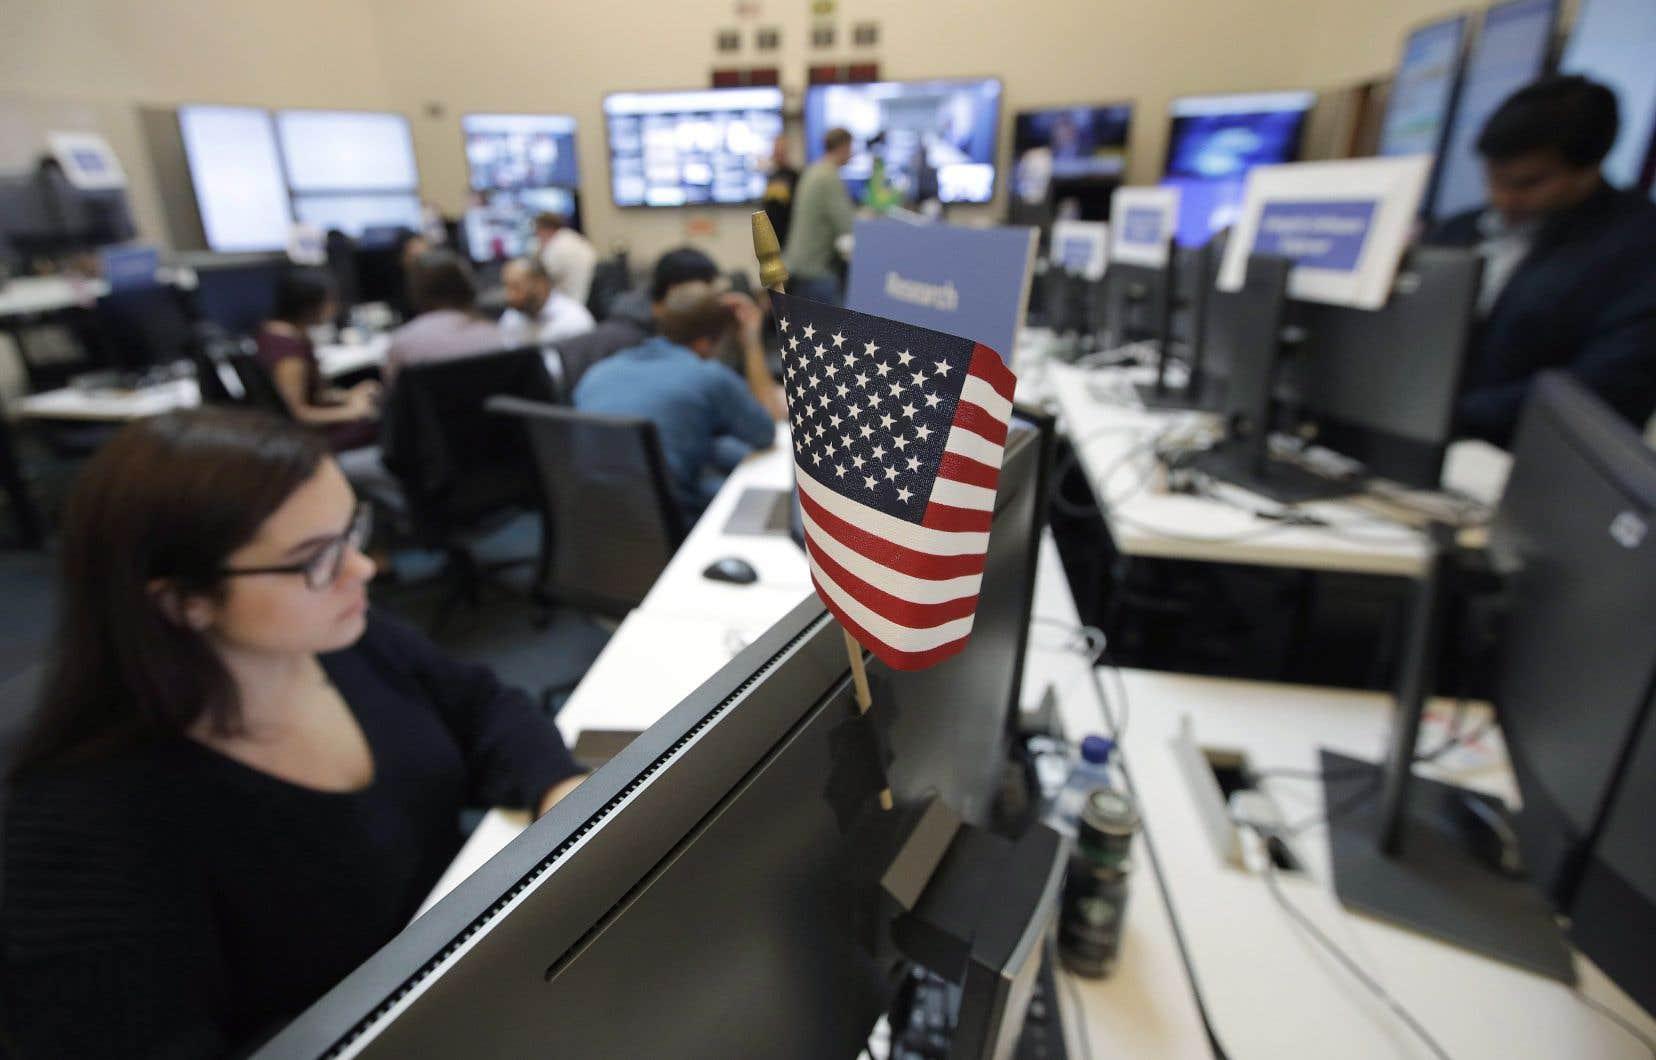 La Silicon Valley dépend lourdement des immigrants qualifiés pour répondre à la forte demande en ingénieurs, spécialistes des données, développeurs informatiques, etc.